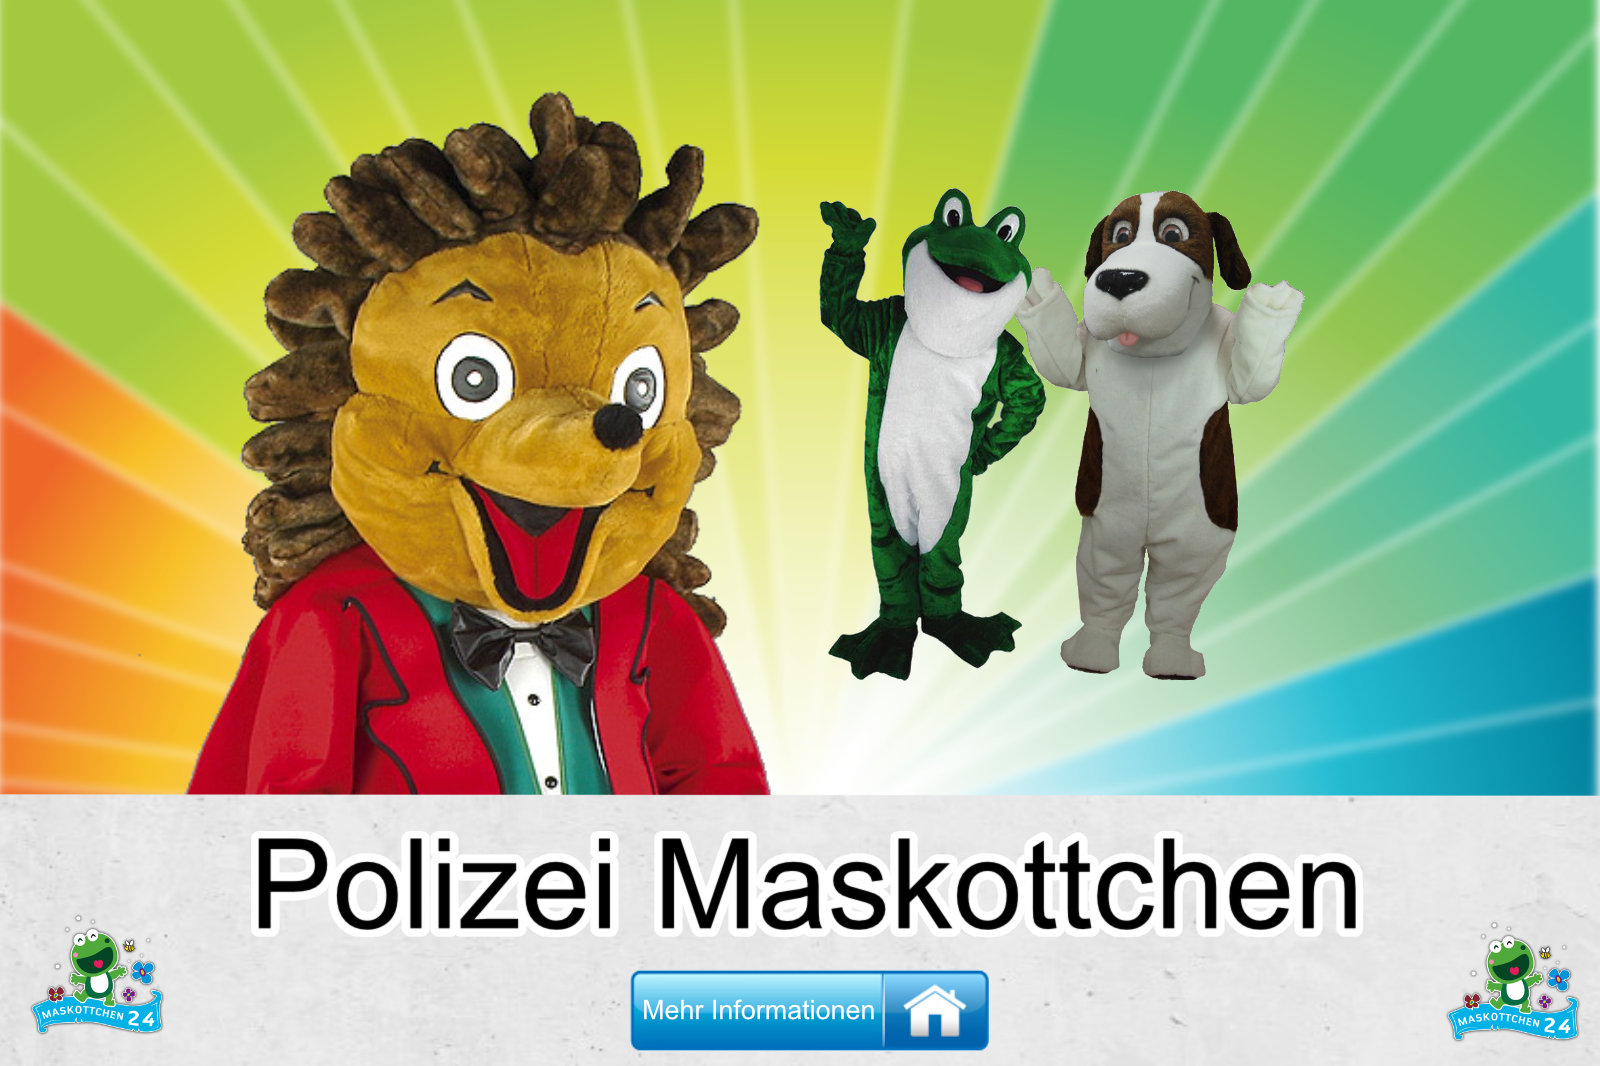 Polizei Kostüme Maskottchen Herstellung Firma günstig kaufen